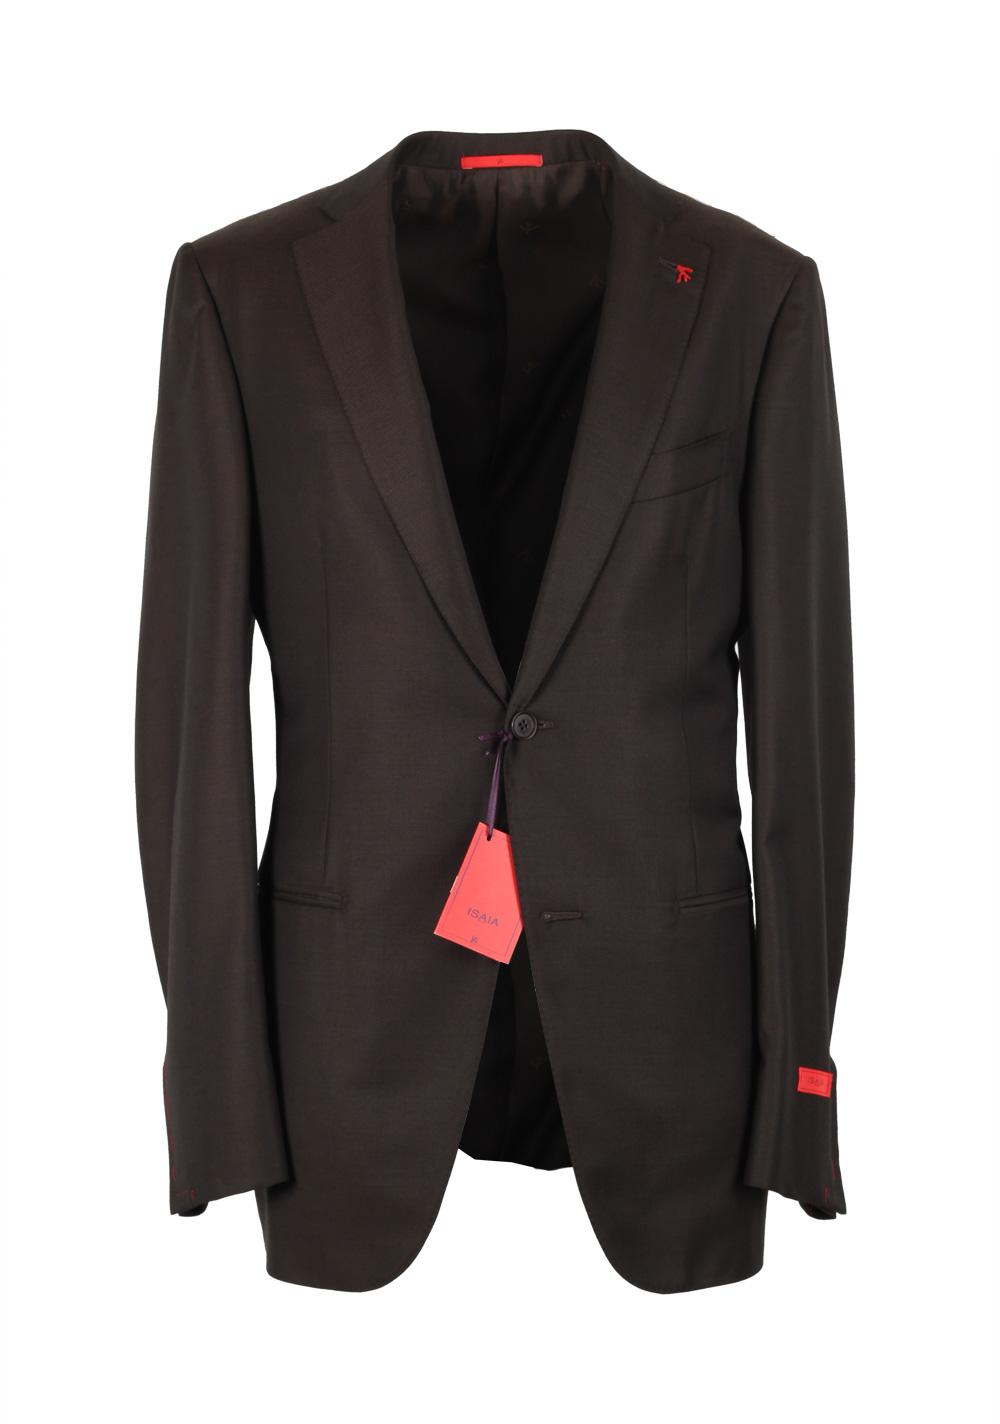 Isaia Aquaspider Suit Size 48L / 38L U.S. Super 160S | Costume Limité